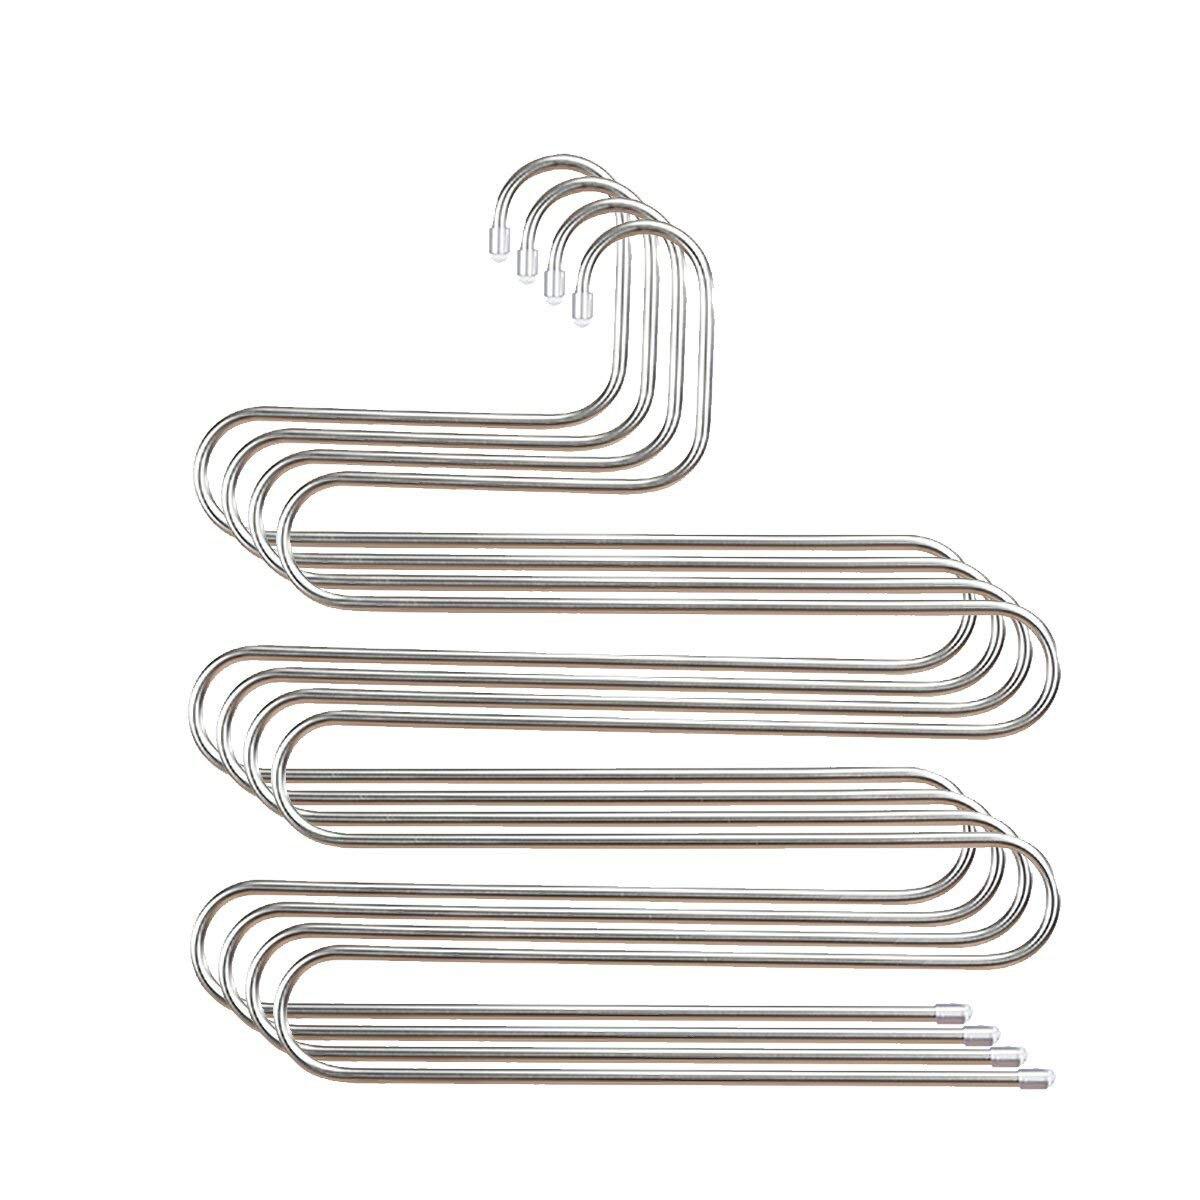 4 قطعة متعددة معلاق للسروال رف بنطلون الفولاذ المقاوم للصدأ S-نوع 5 طبقات الملابس حزام الشماعات الفضاء إنقاذ التخزين ل خزانة الجهاز